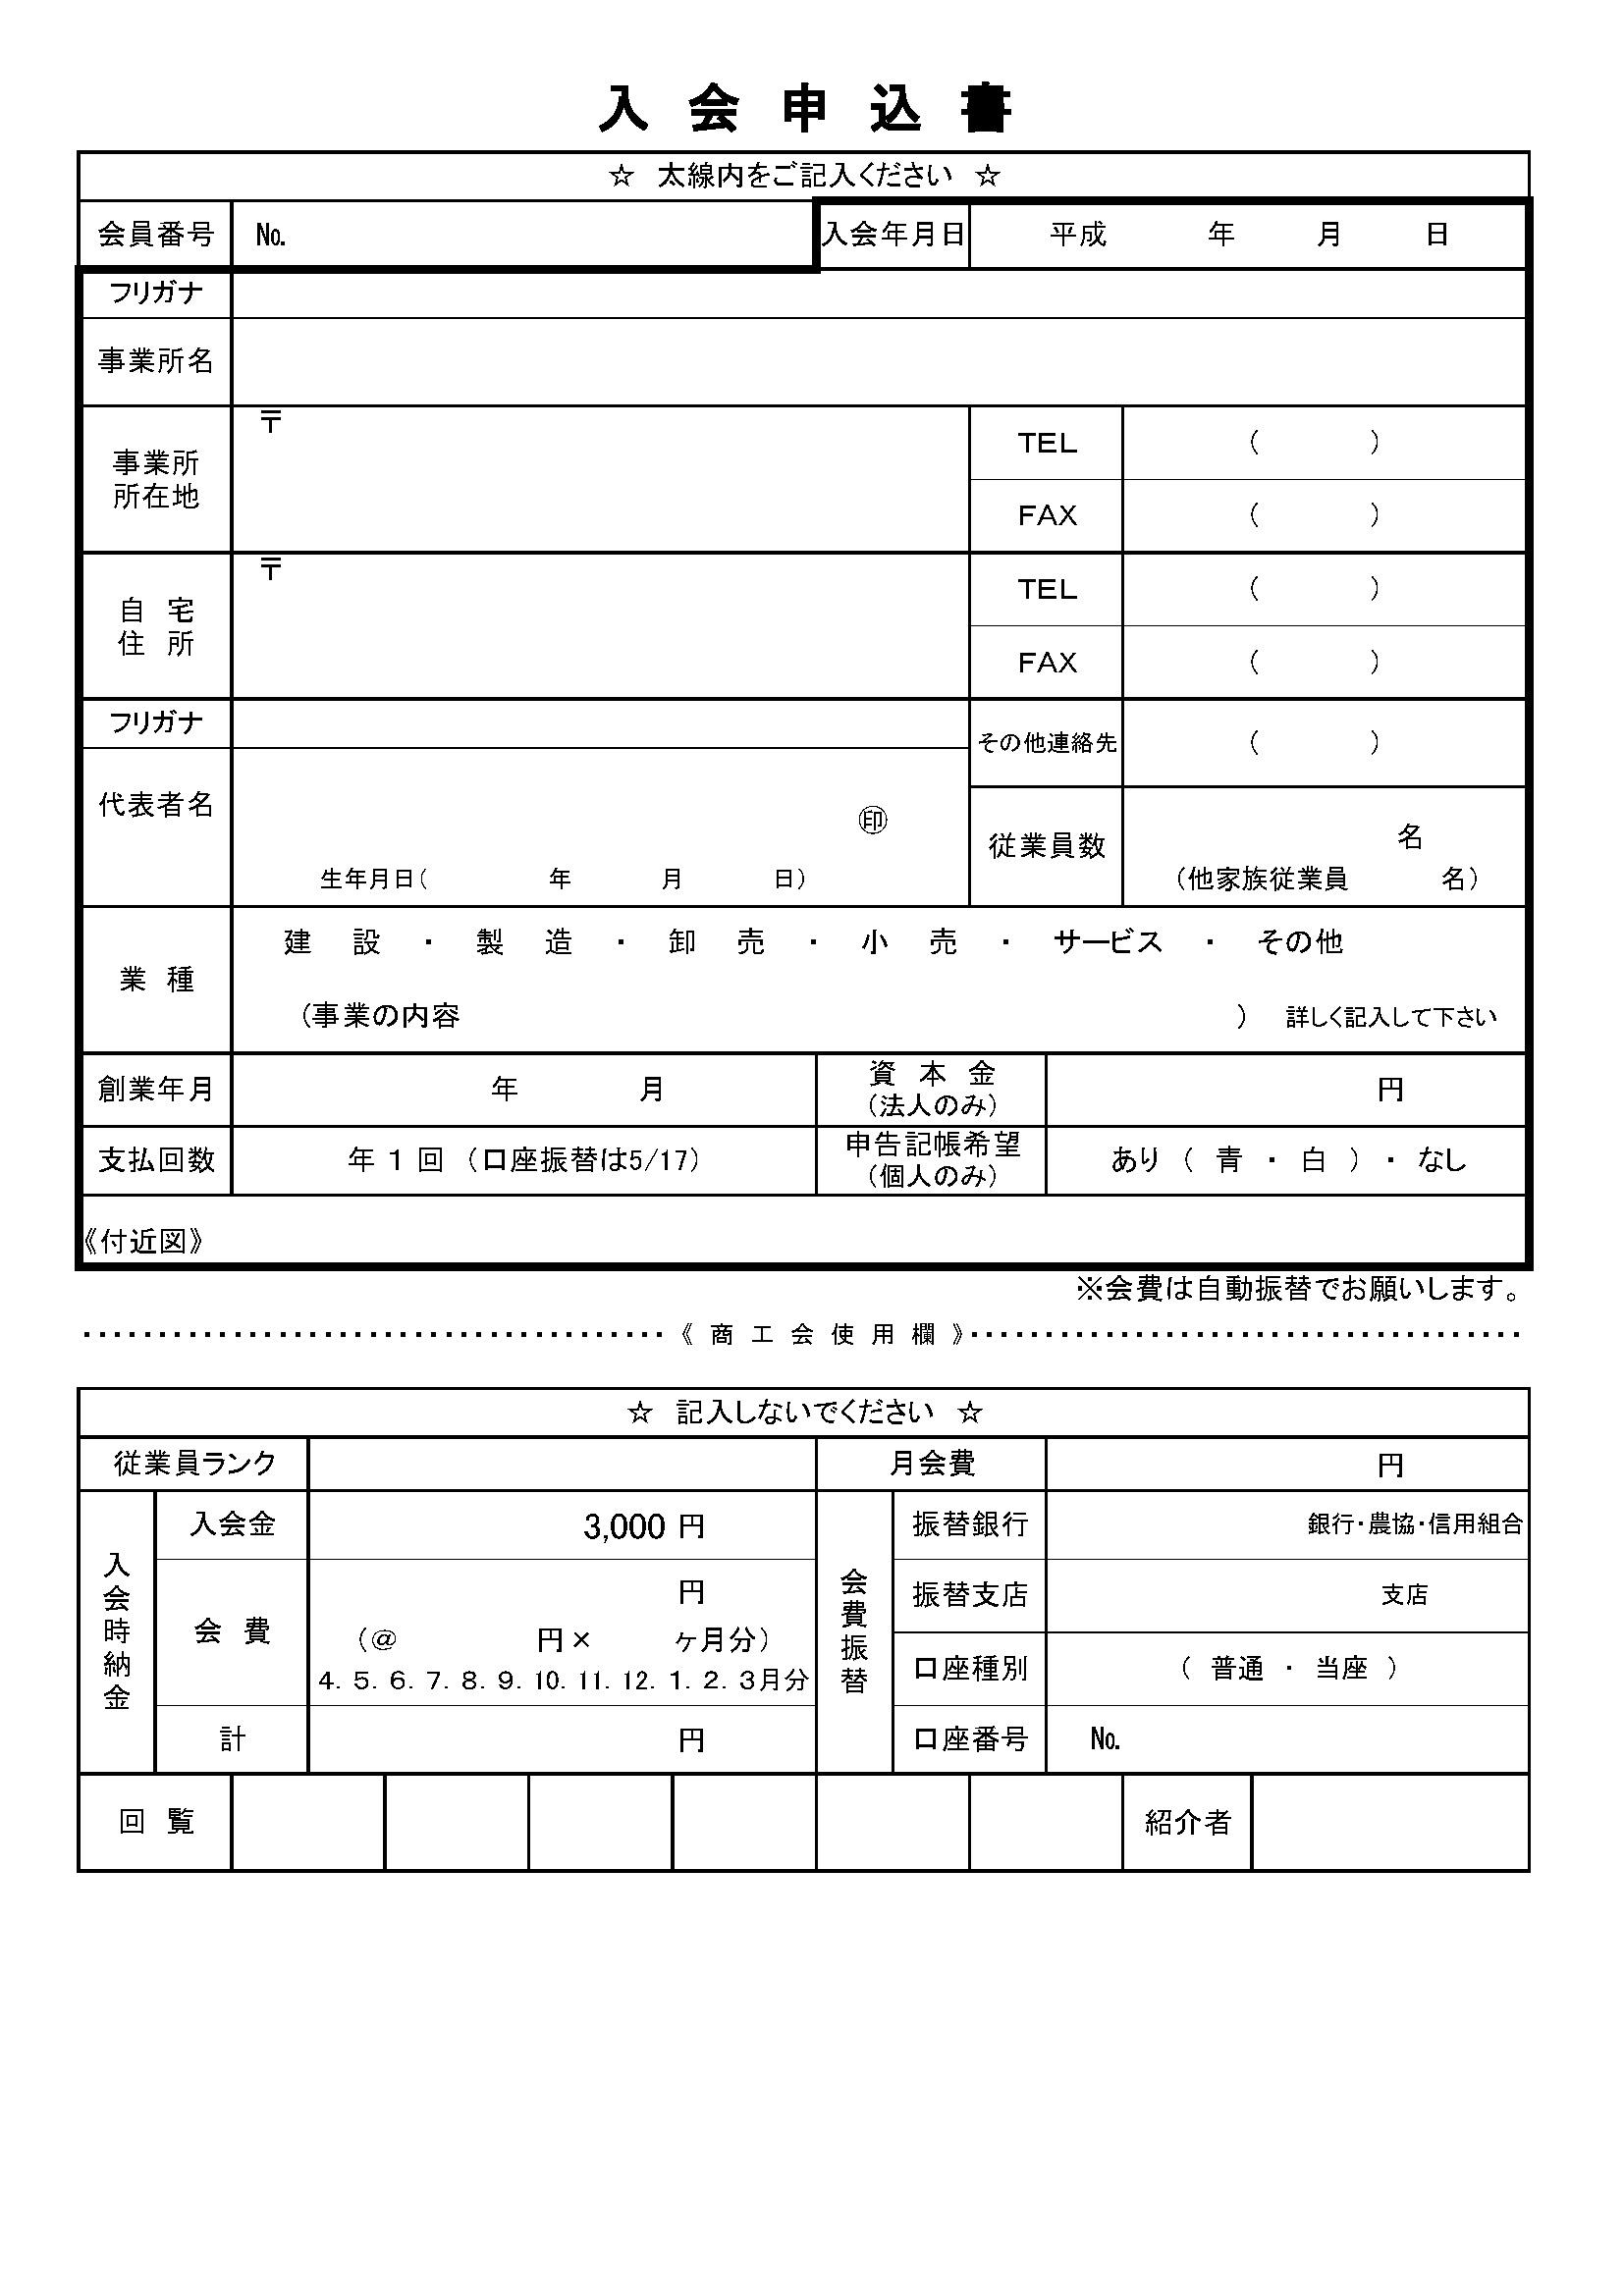 商工会入会申込書データのダウンロードはこちらから。